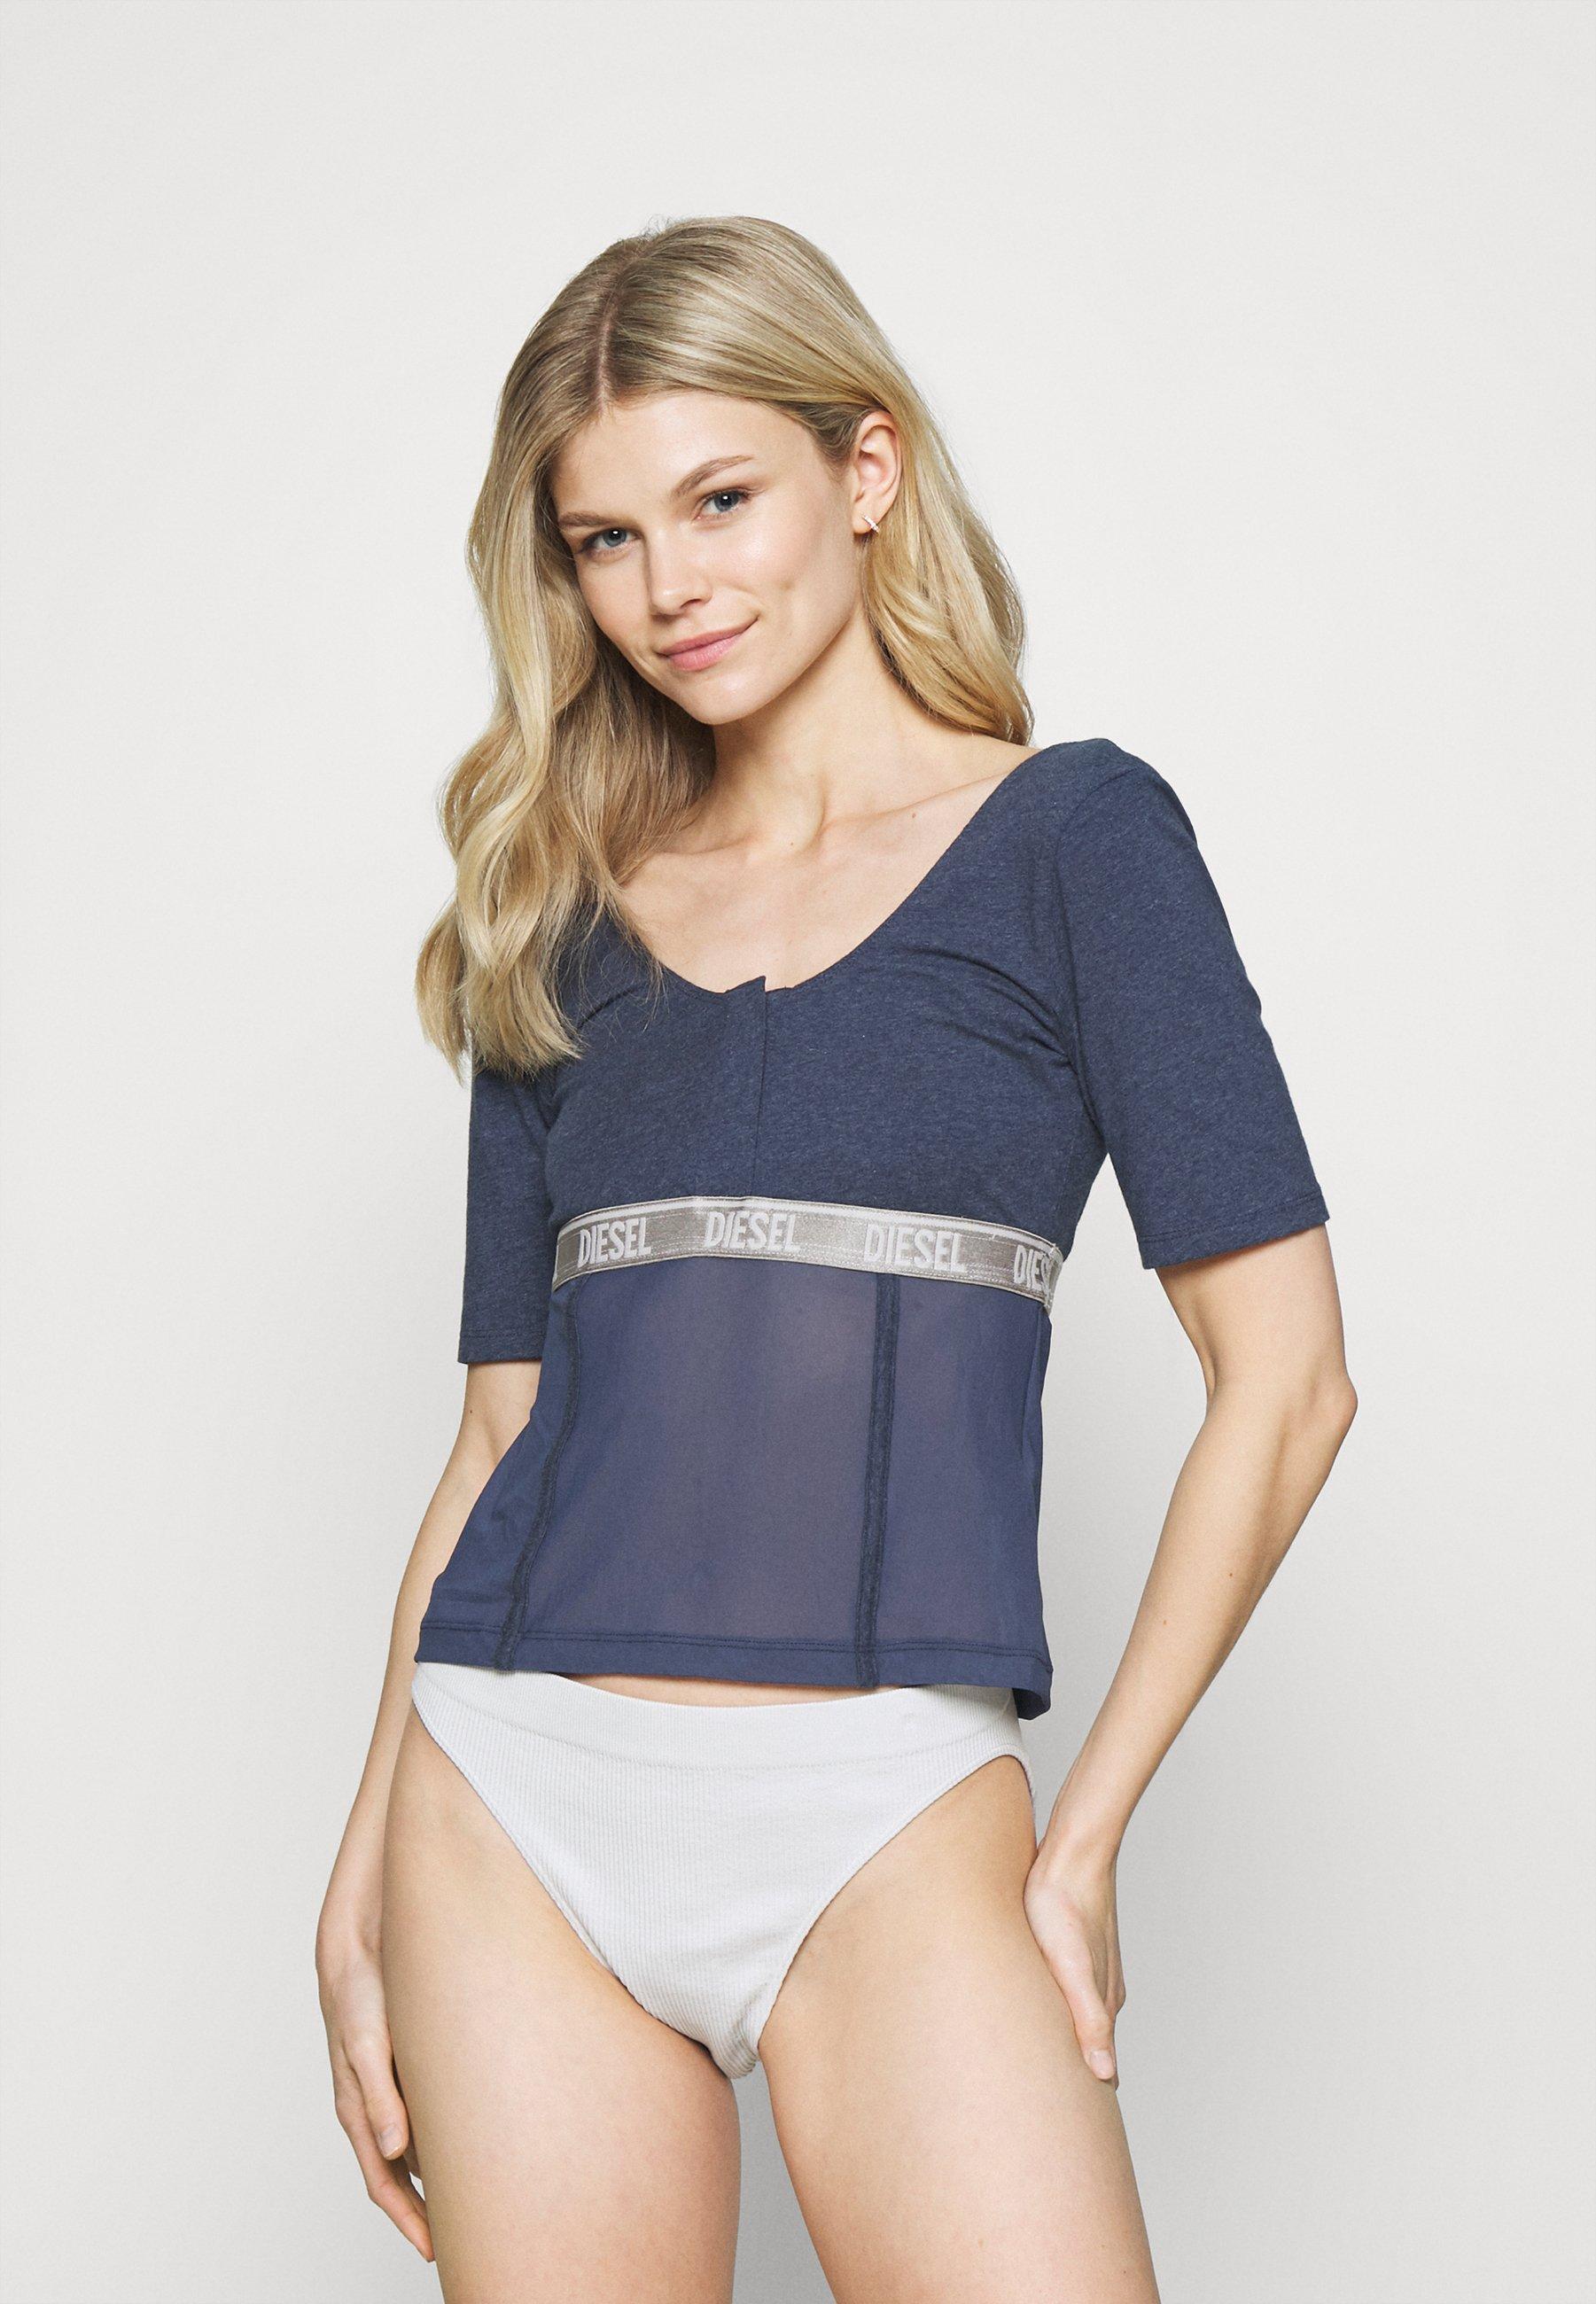 Women UFTEE-TOPCUT-DN - Pyjama top